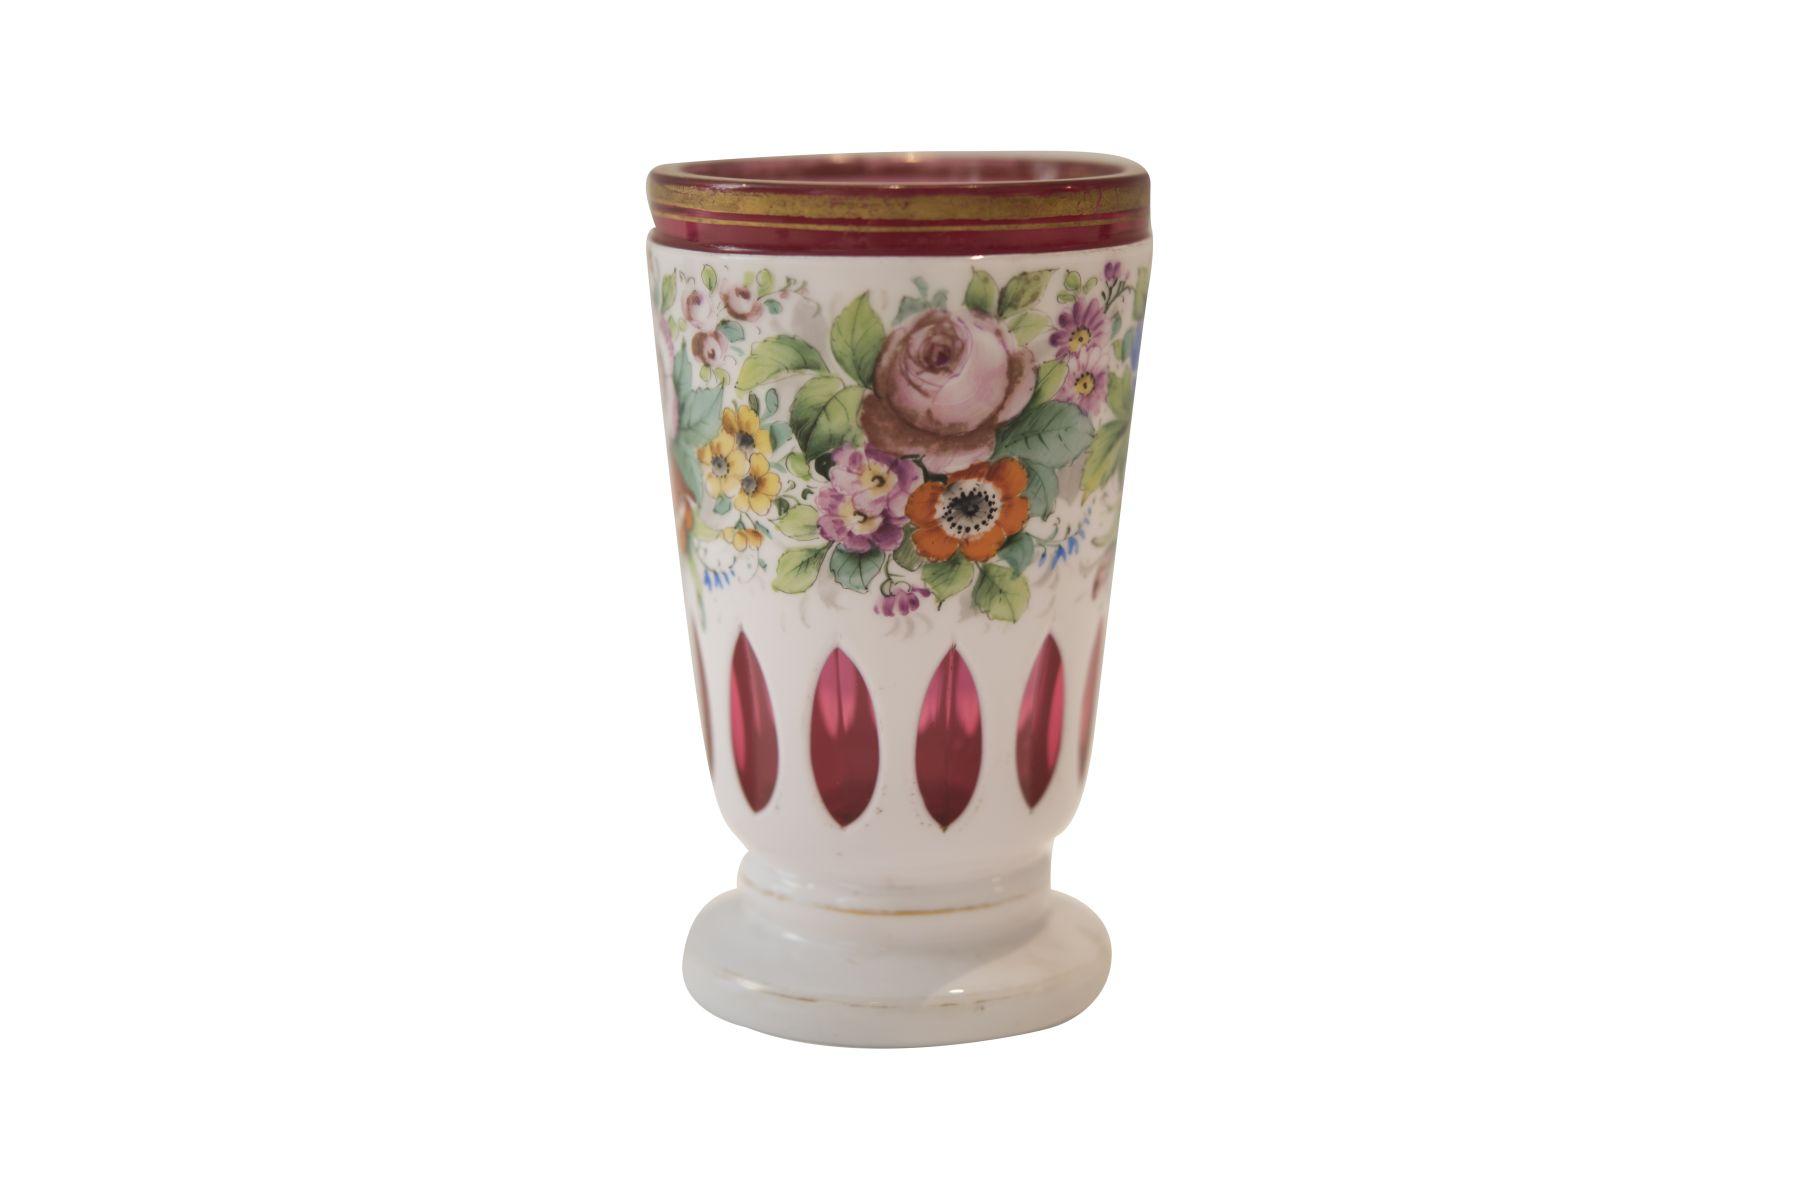 #234 Porcelain mug with glass insert | Porzellan Becher mit Glaseinsatz Image